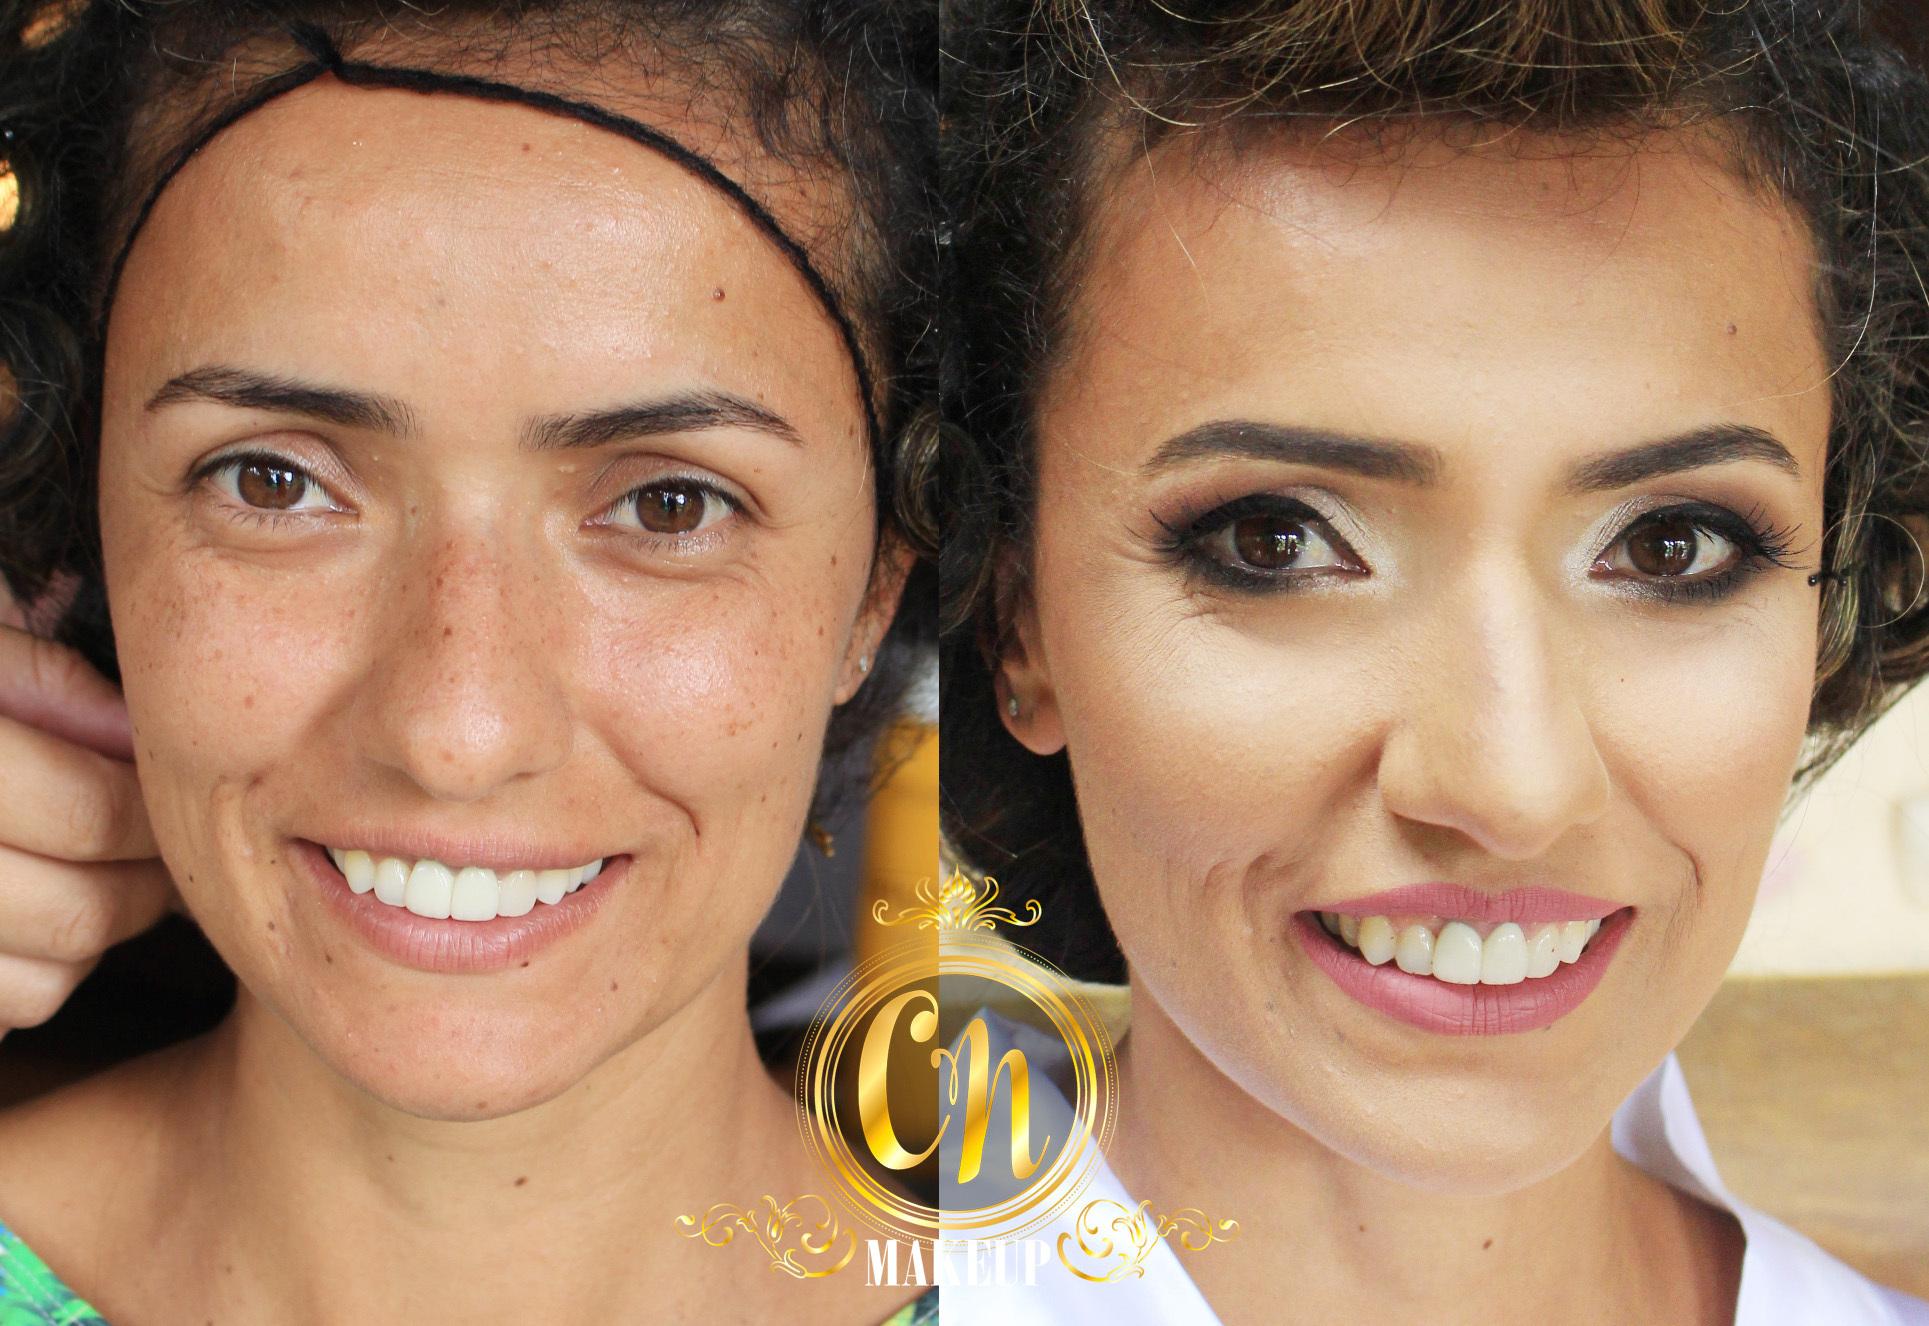 Antes e depois dessa noiva linda ♥ . #maquiagemlitoral #maquiadoraubatuba #mua #maquiagemubatuba  #ubatuba  #makeupartist #noiva #maquiagemnoiva #bridalmakeup #bridemakeup #neutralmakeup #maquiagemneutra #bride #sephora #marykay #maybelline #catharinehill #tracta #dailus maquiagem maquiador(a)